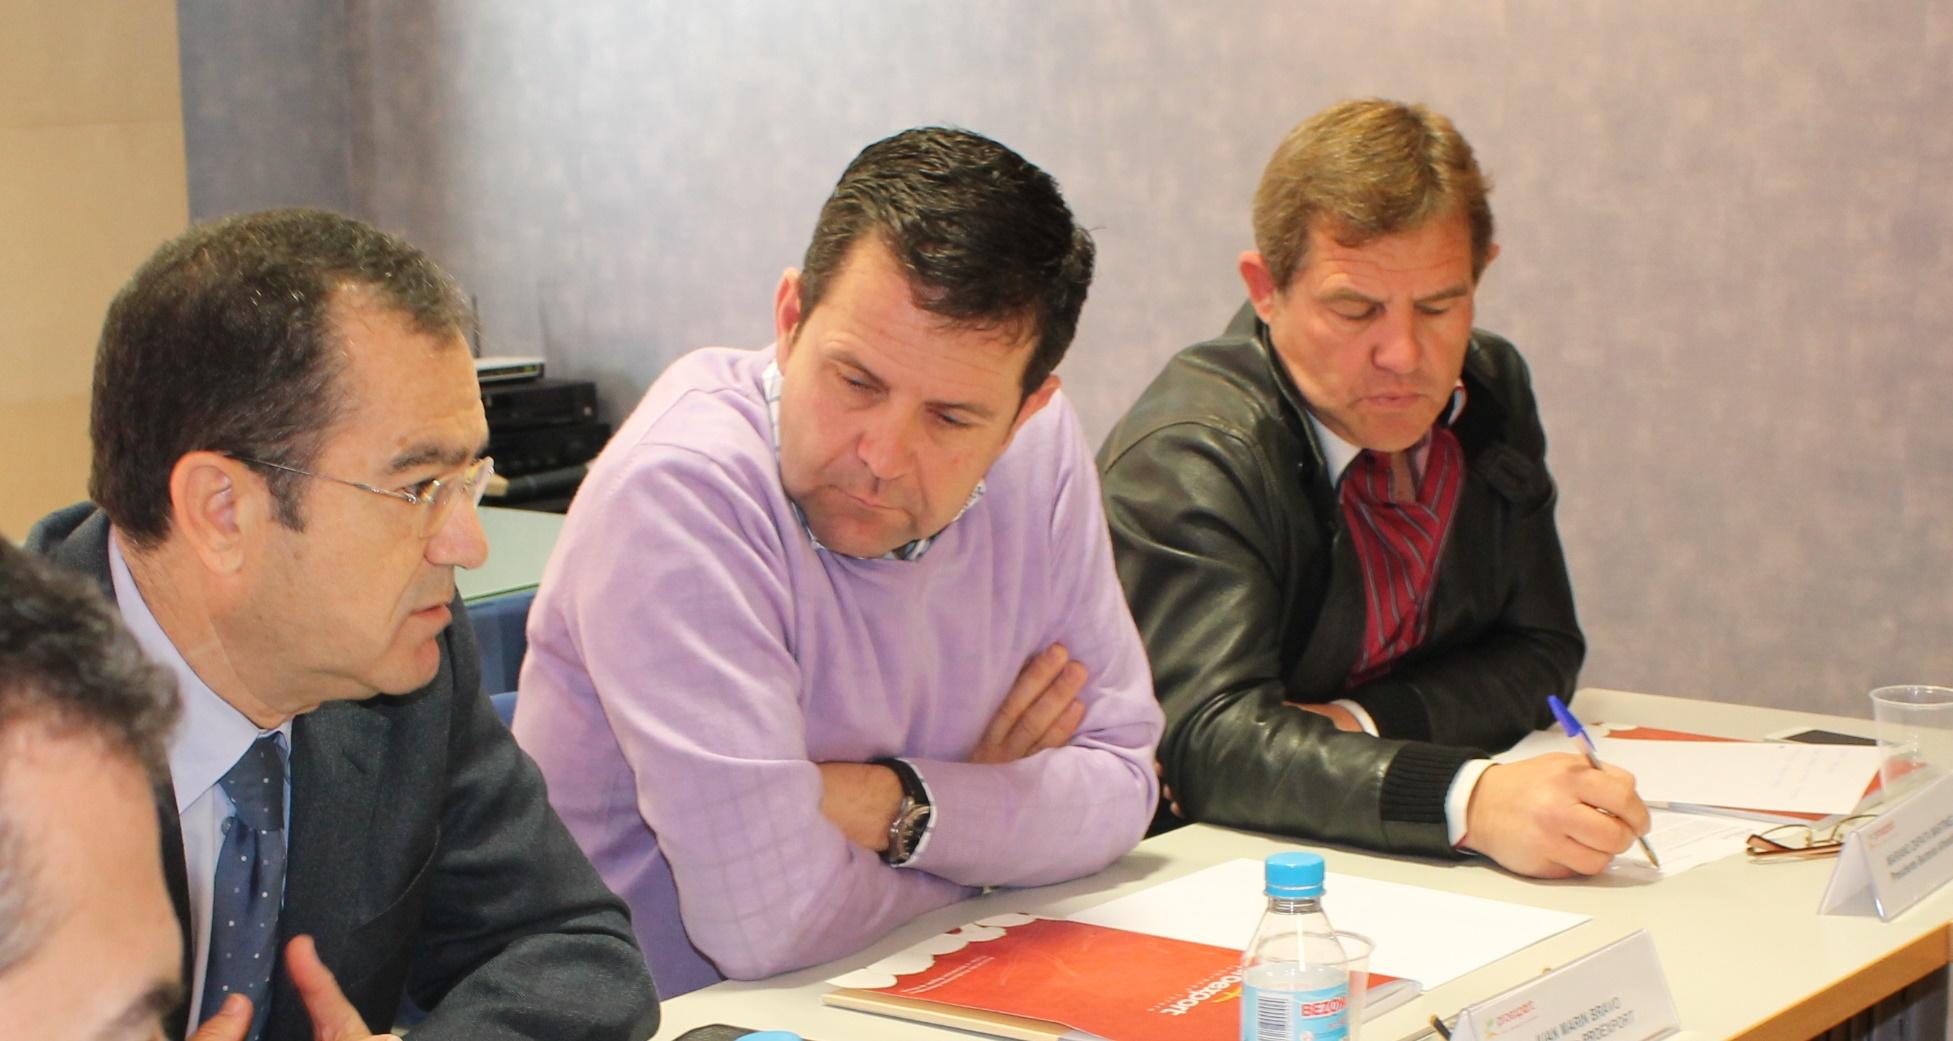 José García Gómez (presidente de Agrupal), Juan Marín Bravo (presidente de Proexport) y Mariano Zapata (presidente Sectorial Alhóndigas de Proexport)